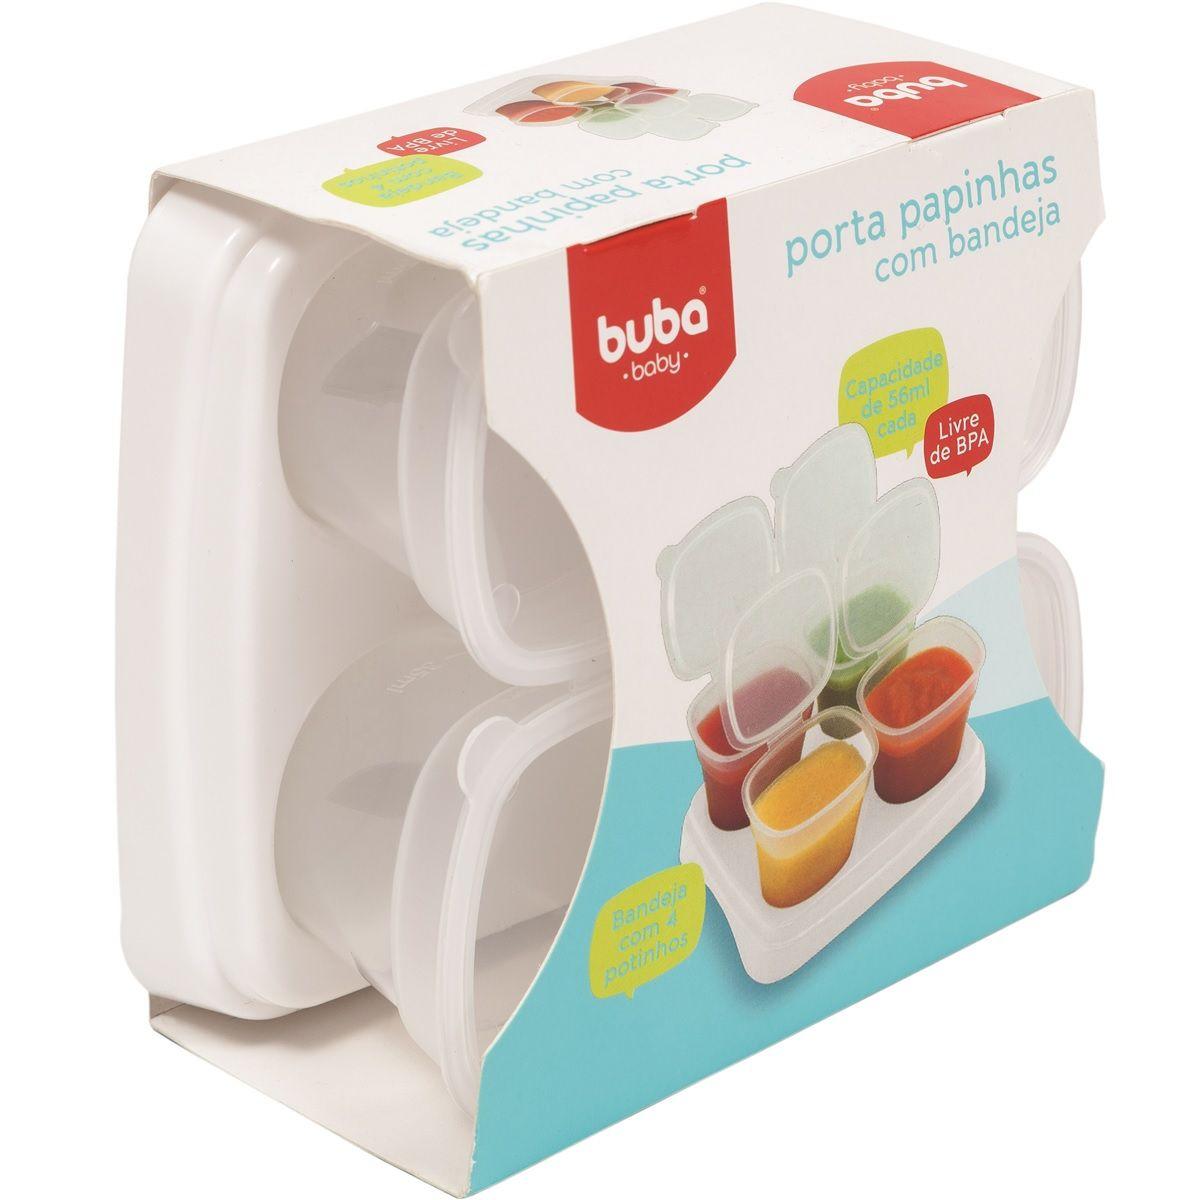 Kit Porta Papinhas com bandeja - Buba Baby